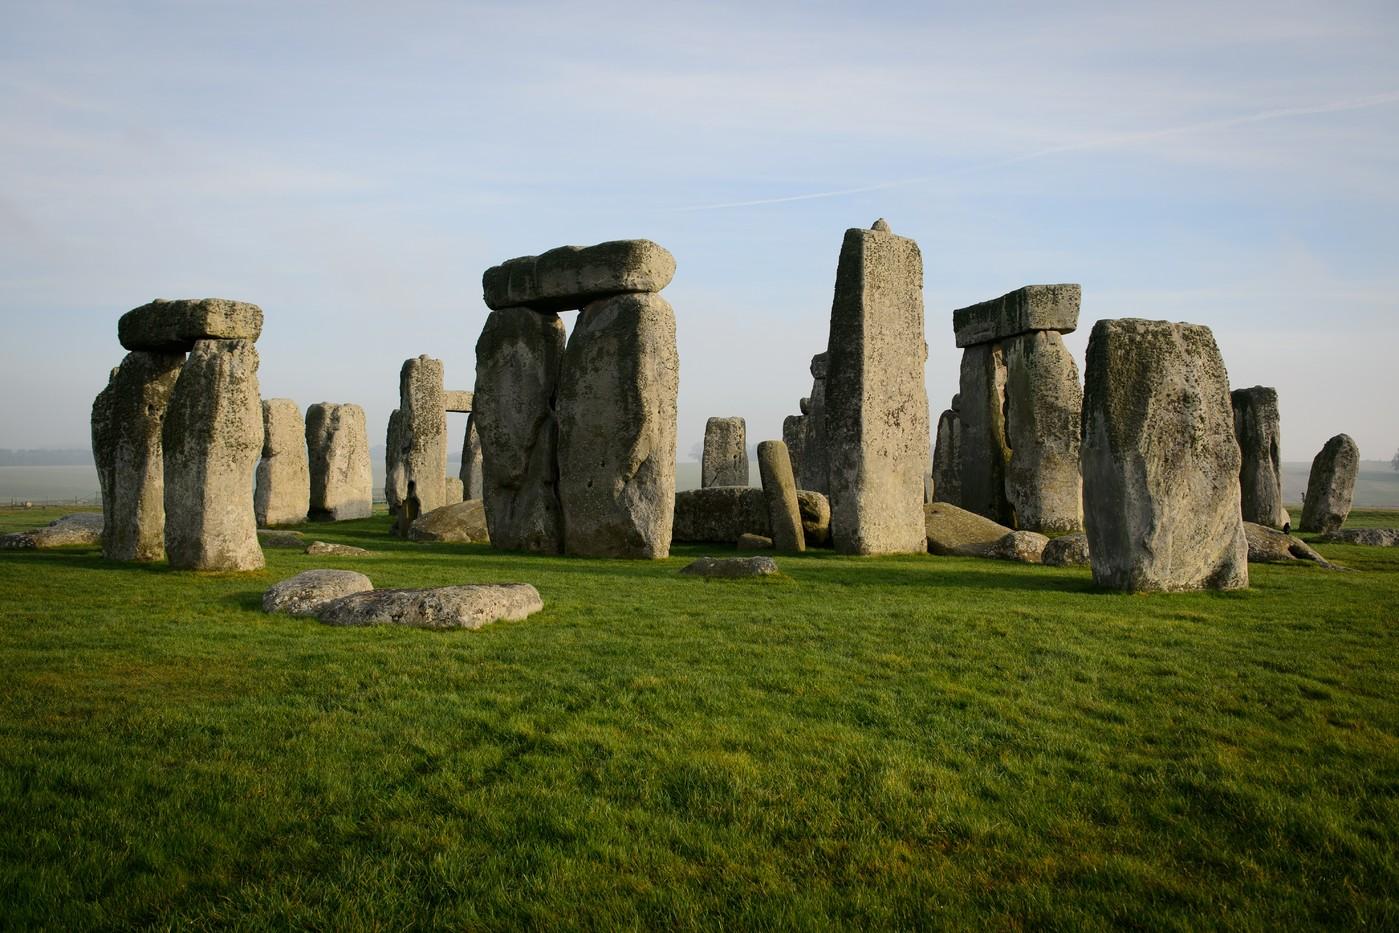 СМИ: британские ученые определили происхождение строителей Стоунхенджа